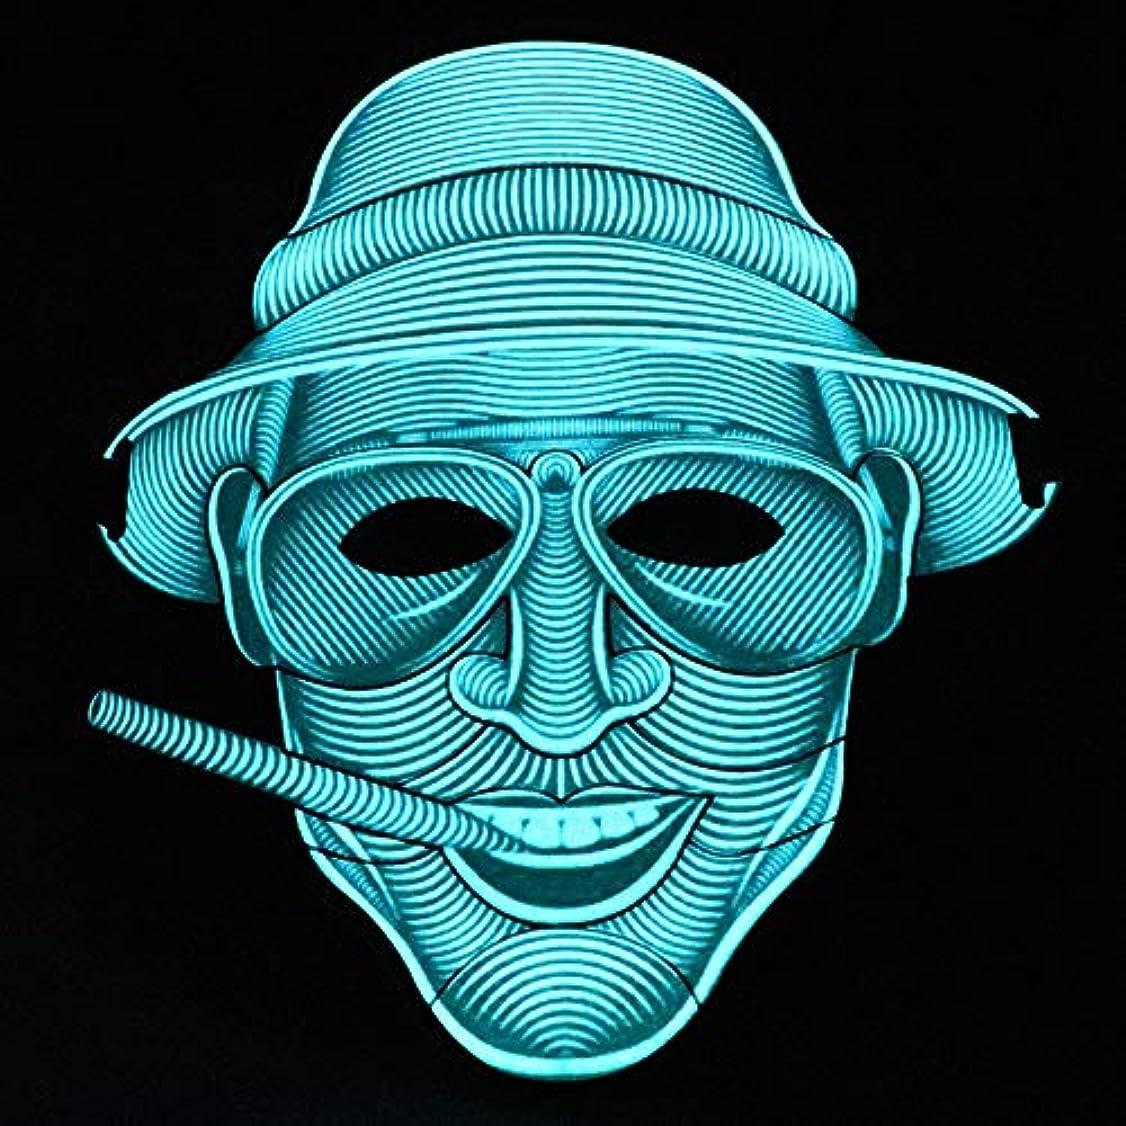 口実スペルデンプシー照らされたマスクLED創造的な冷光音響制御マスクハロウィンバーフェスティバルダンスマスク (Color : #6)